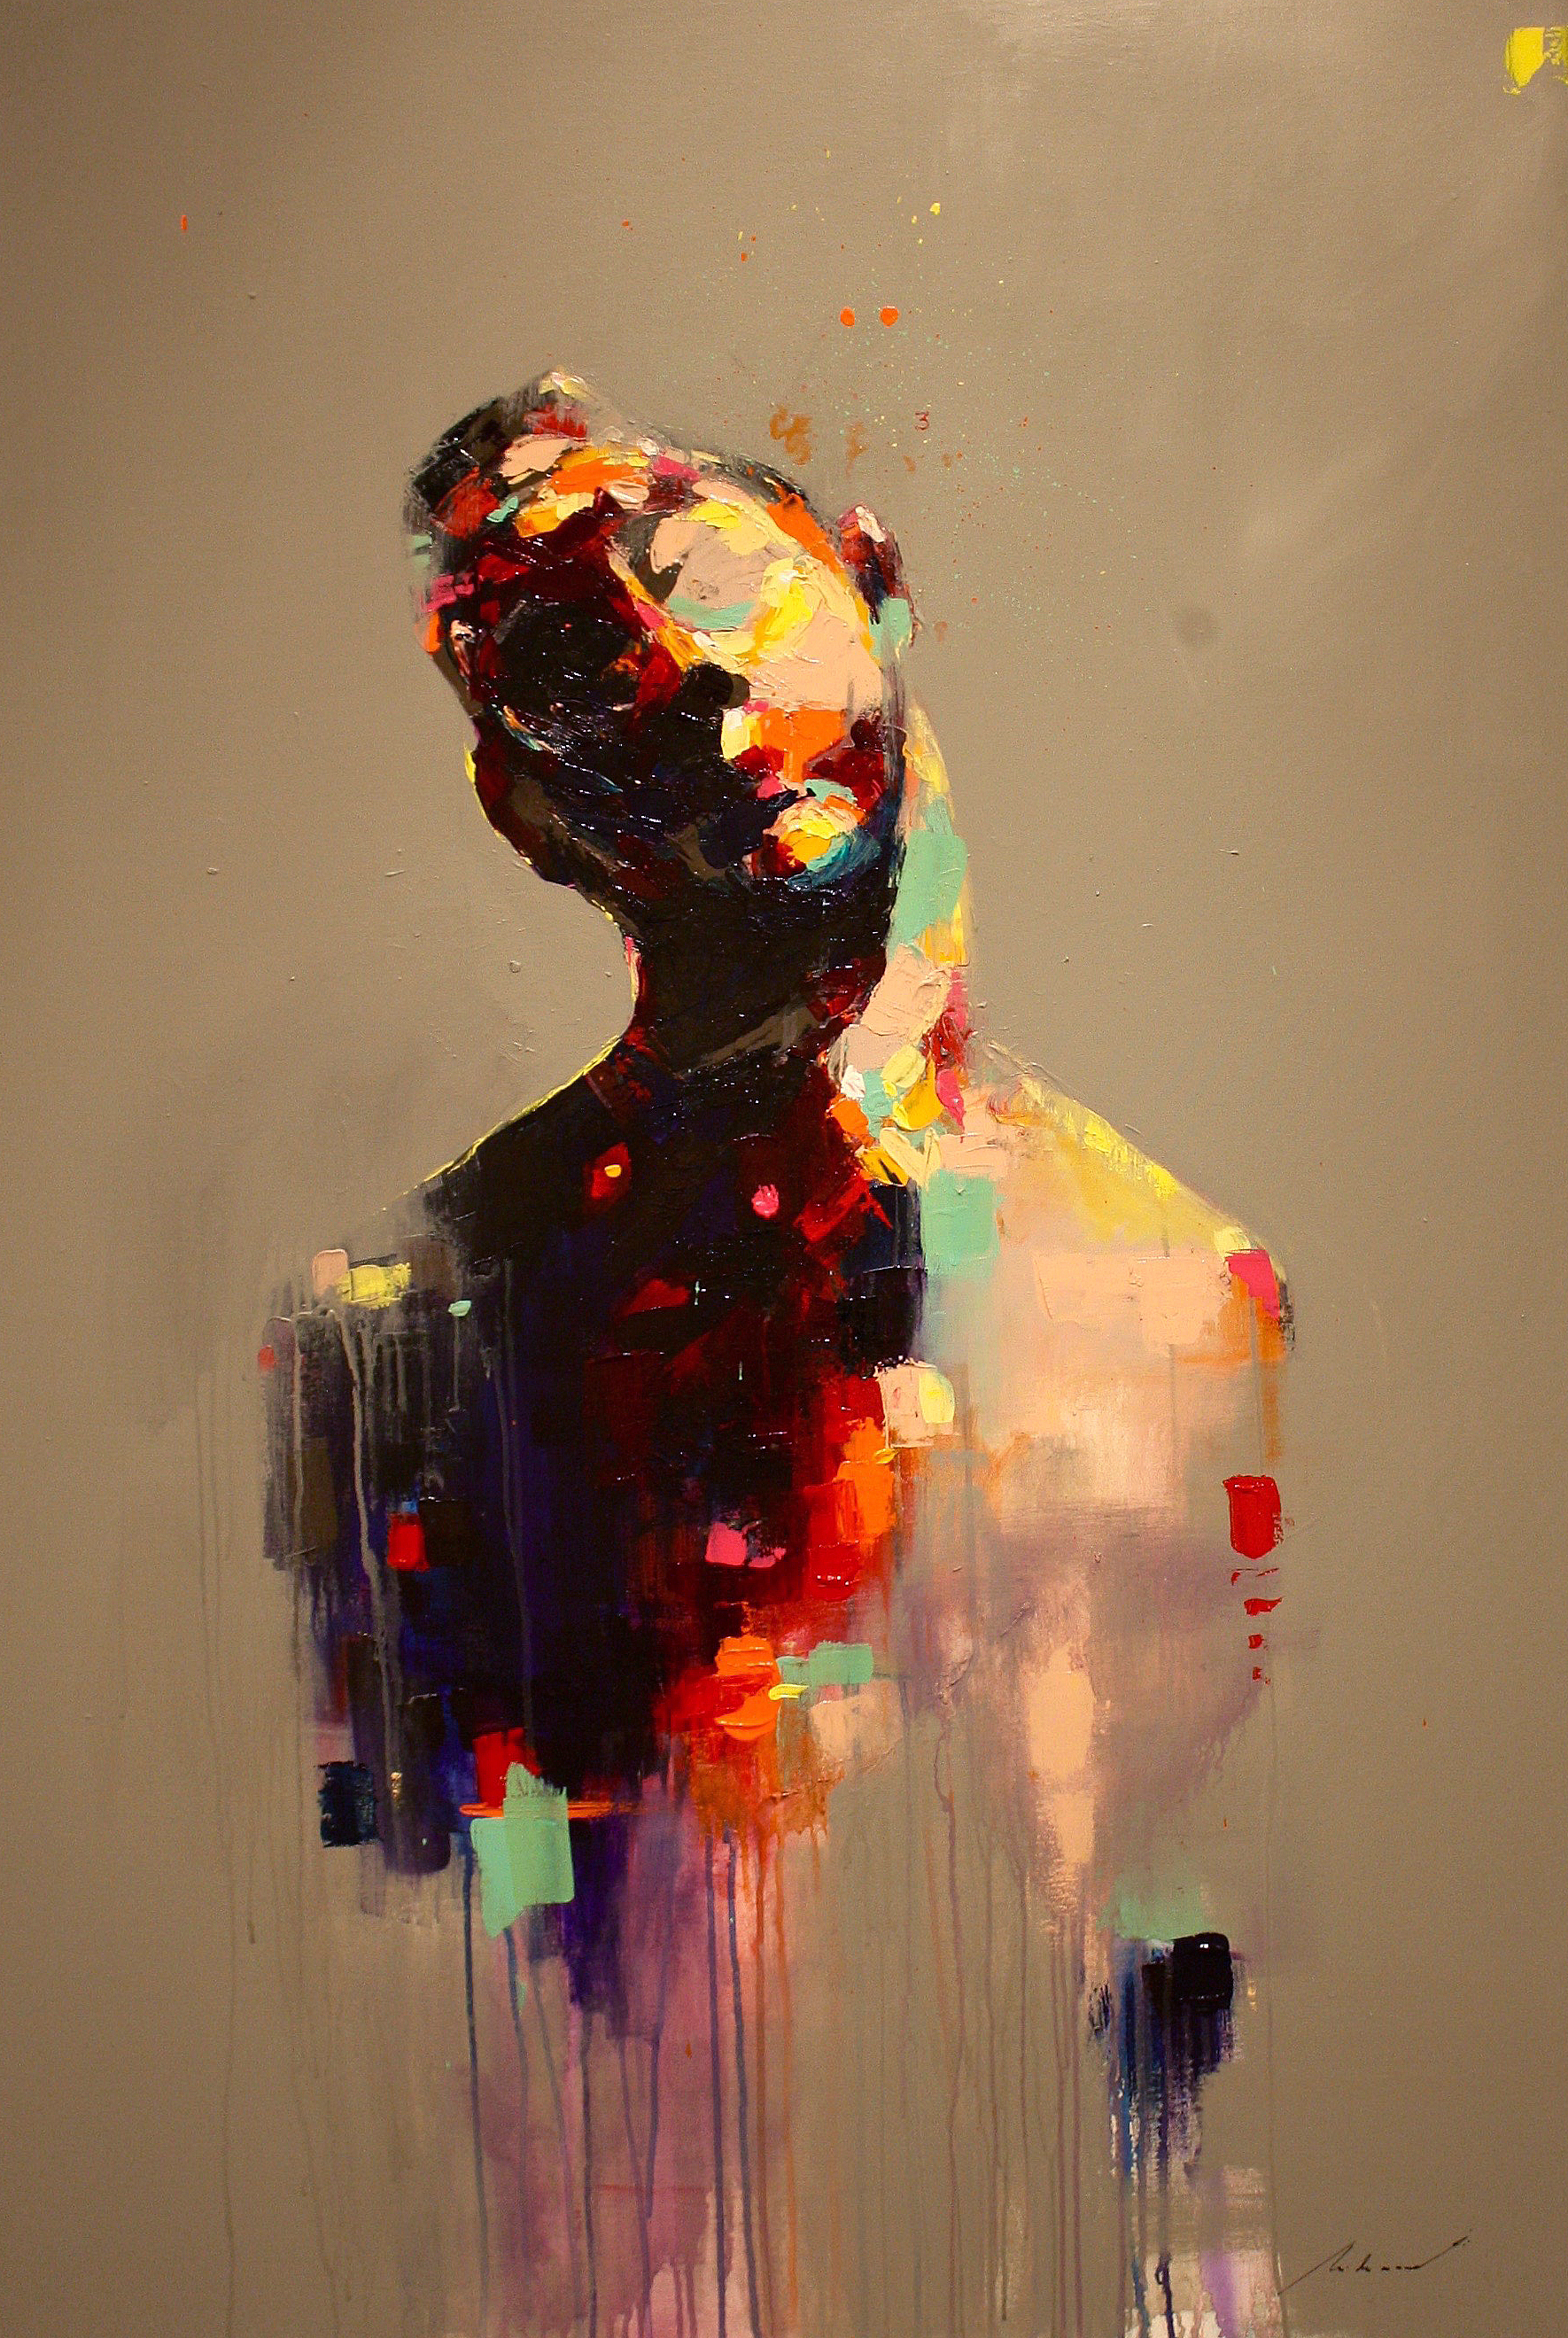 O Artista 3, 2018   Acrylic on canvas   140 x 90 cm   R$ 7,560